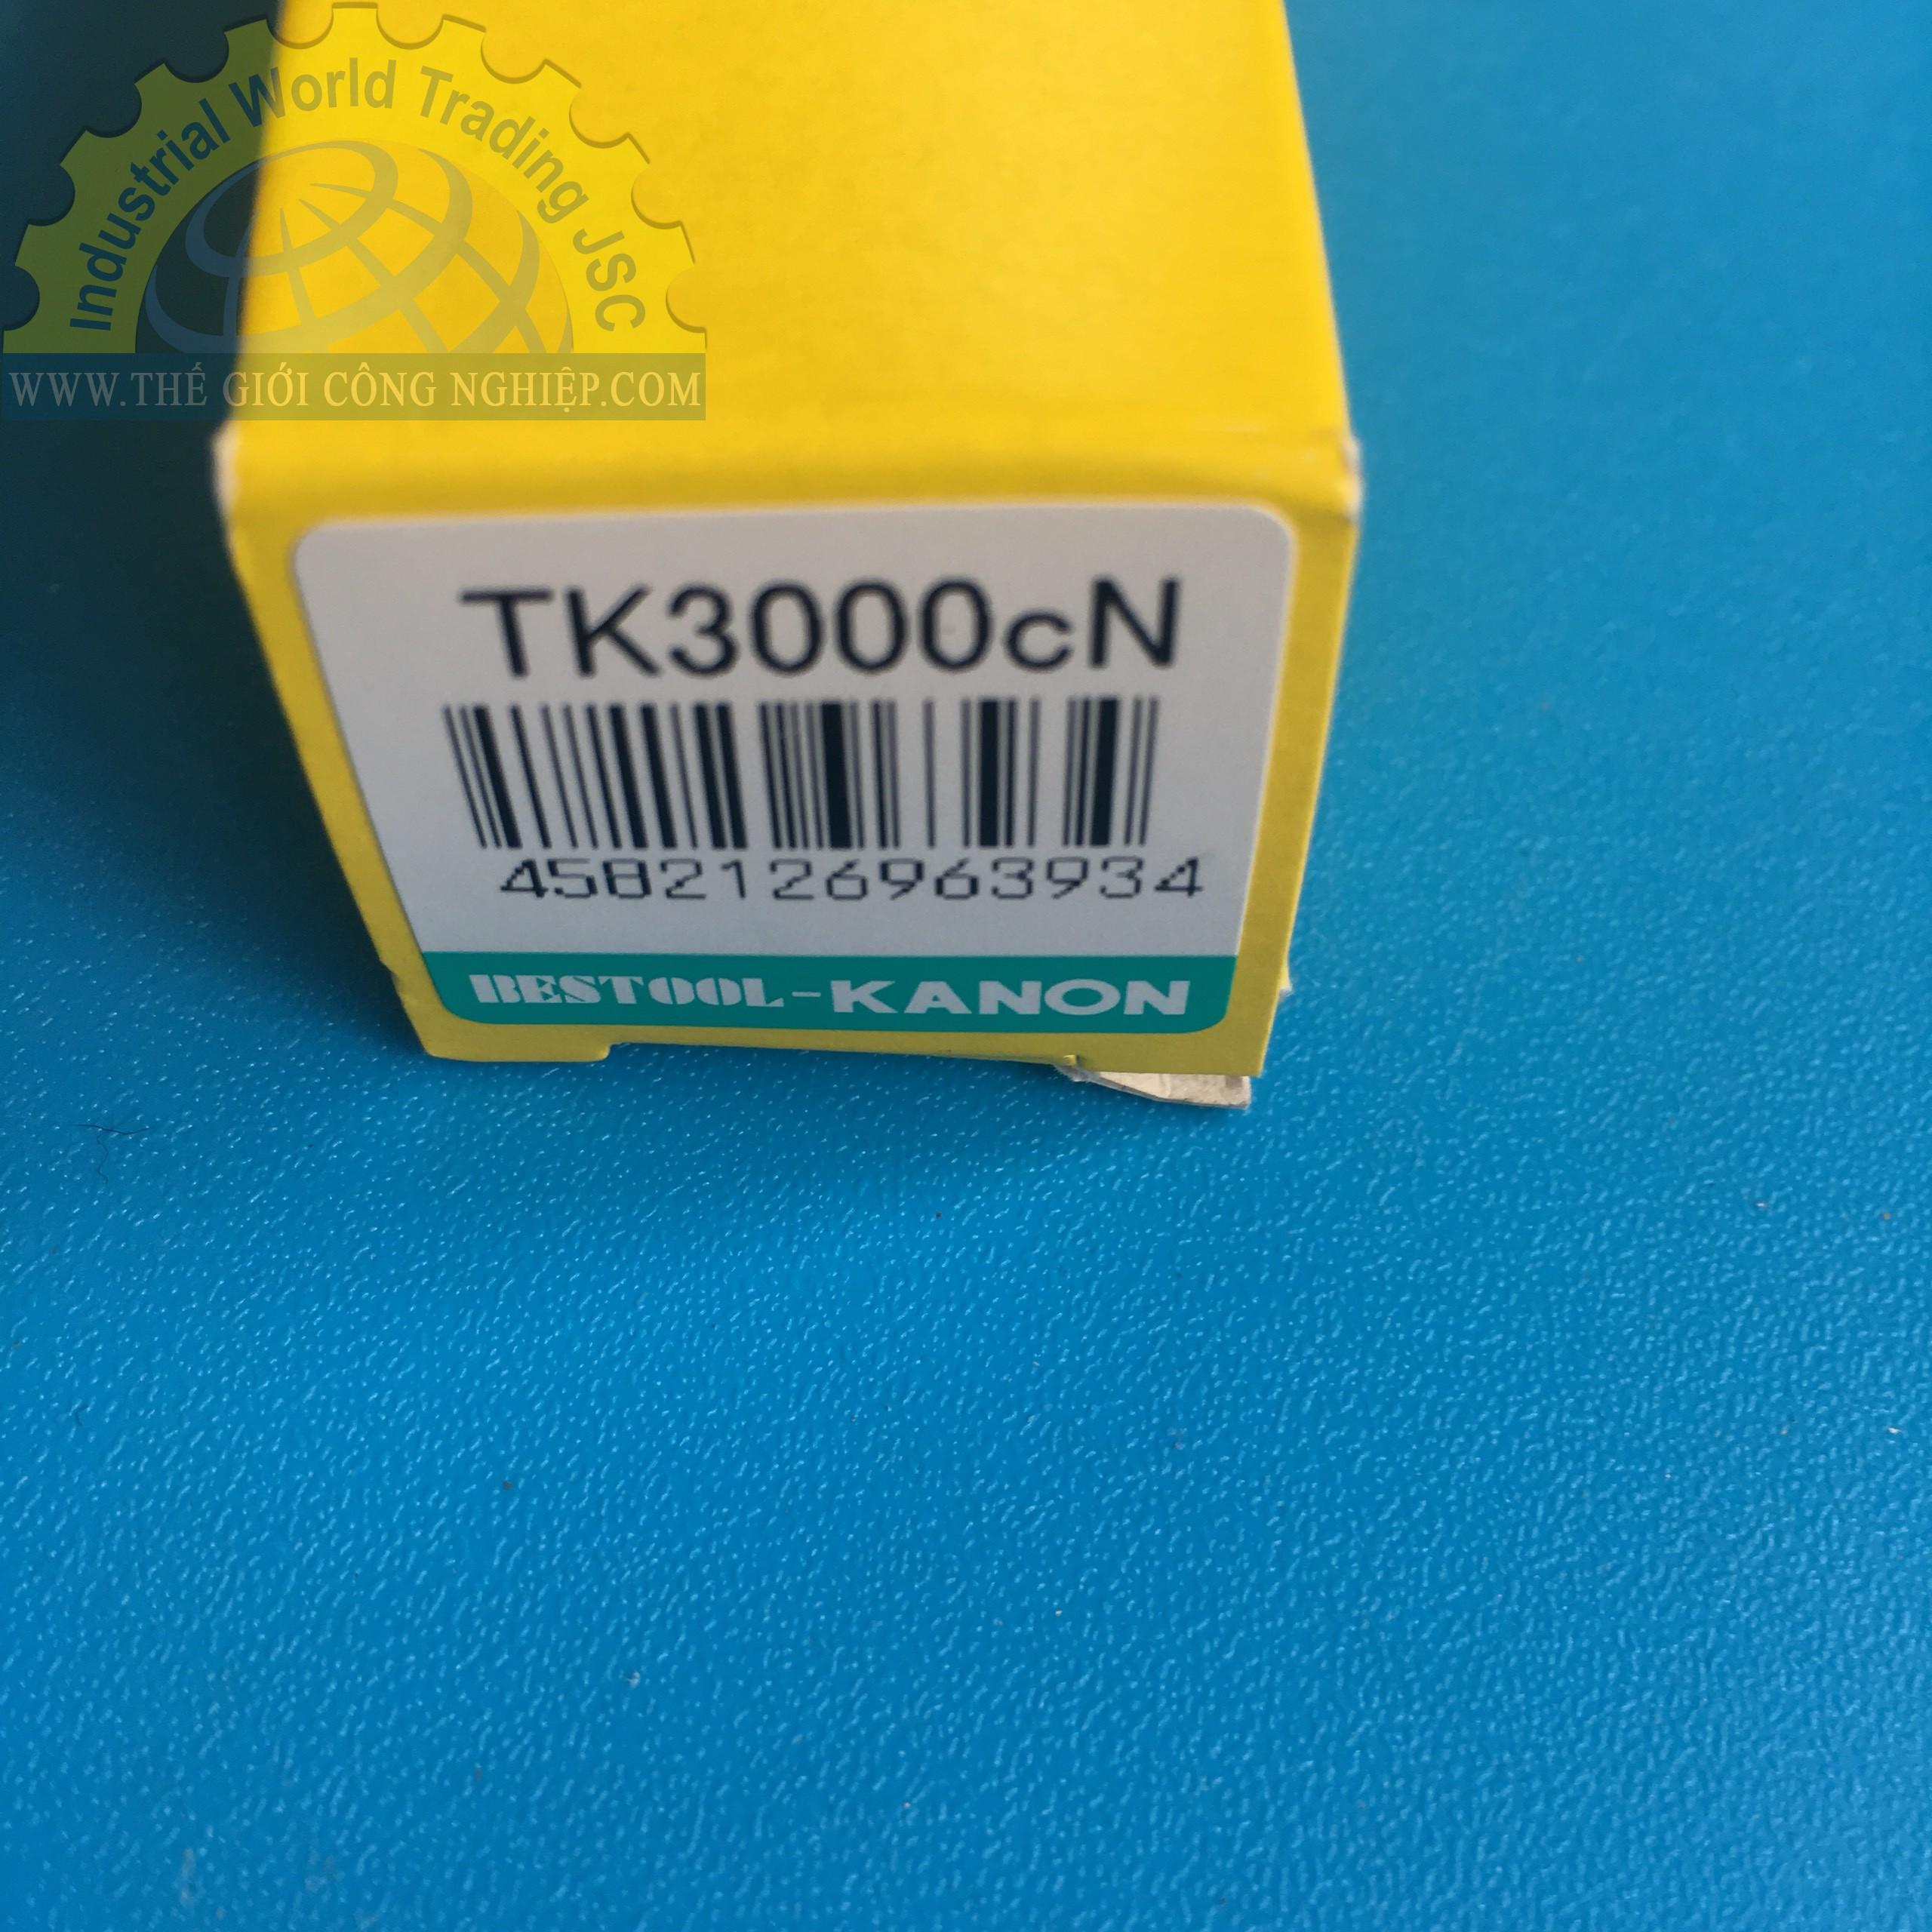 Thiết bị đo lực căng 0 - 3000cN  TK3000cN Kanon